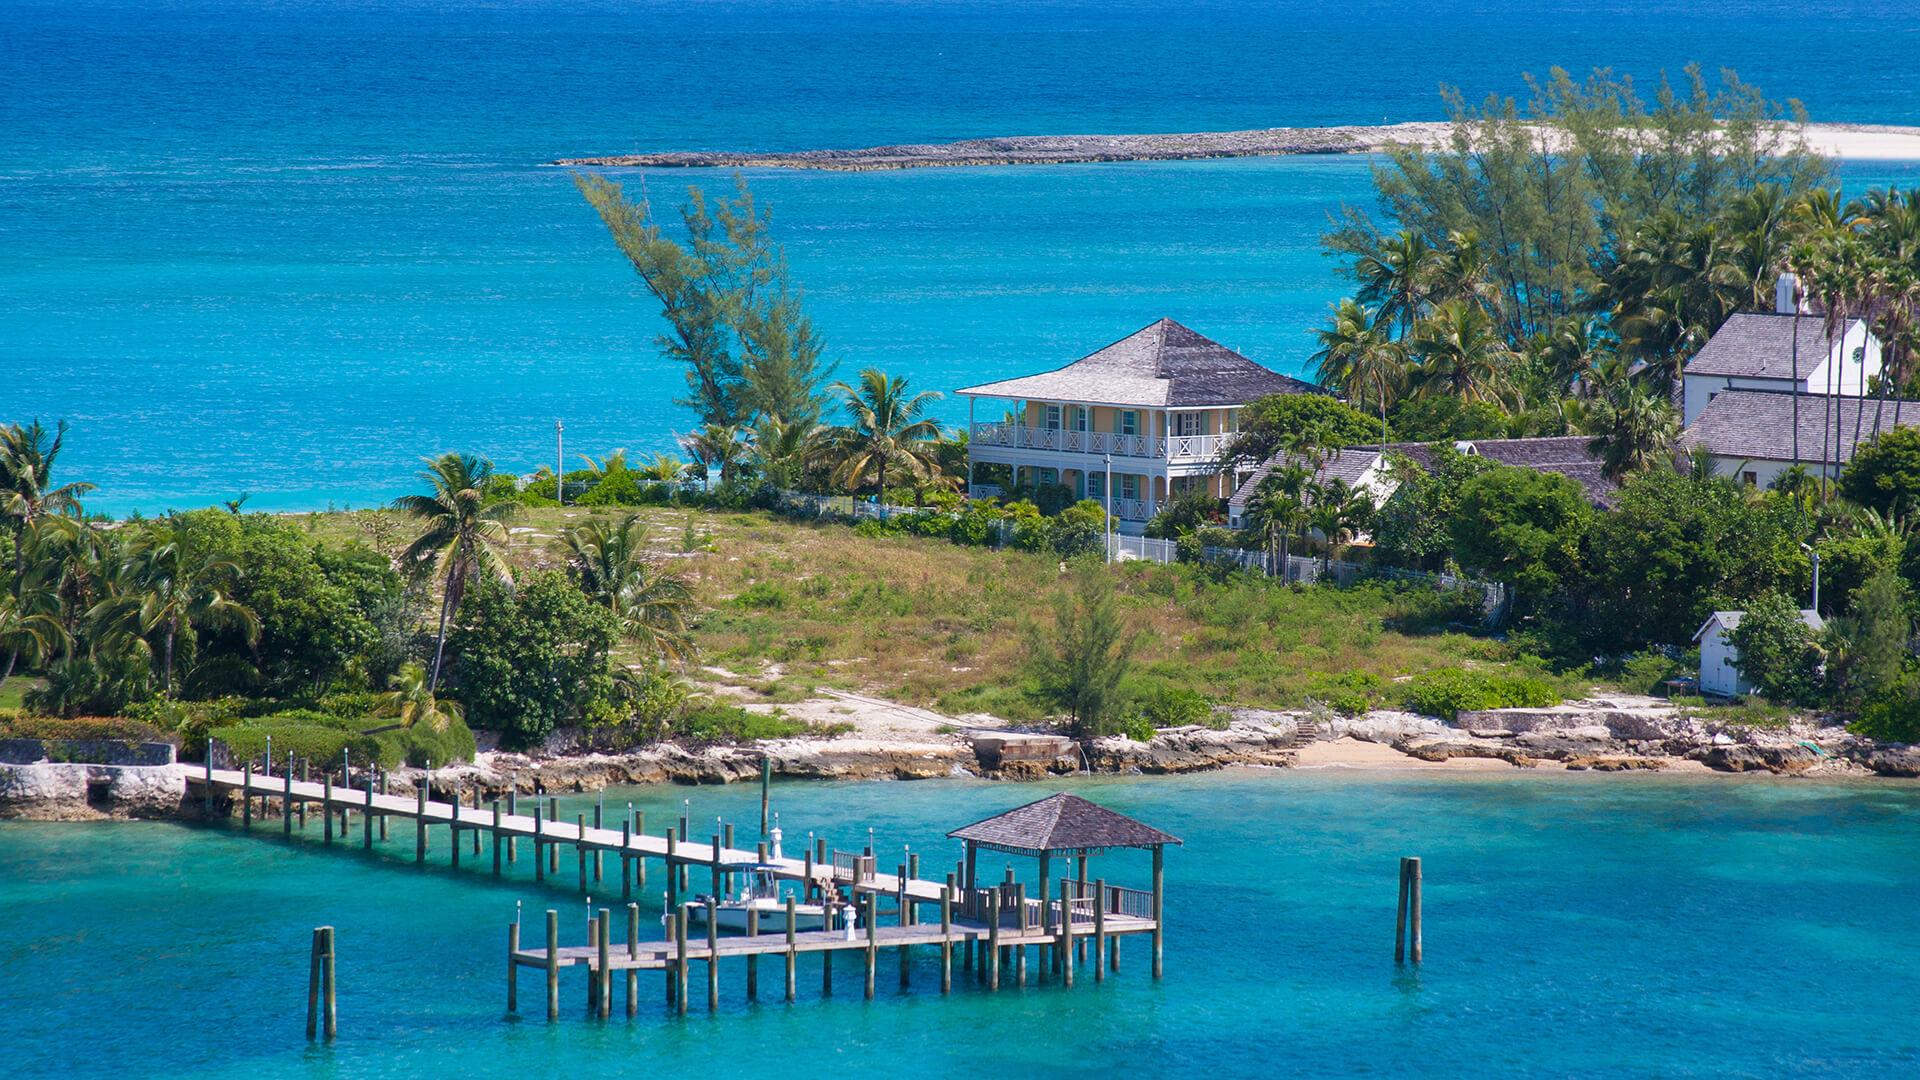 Croisière aux Bahamas